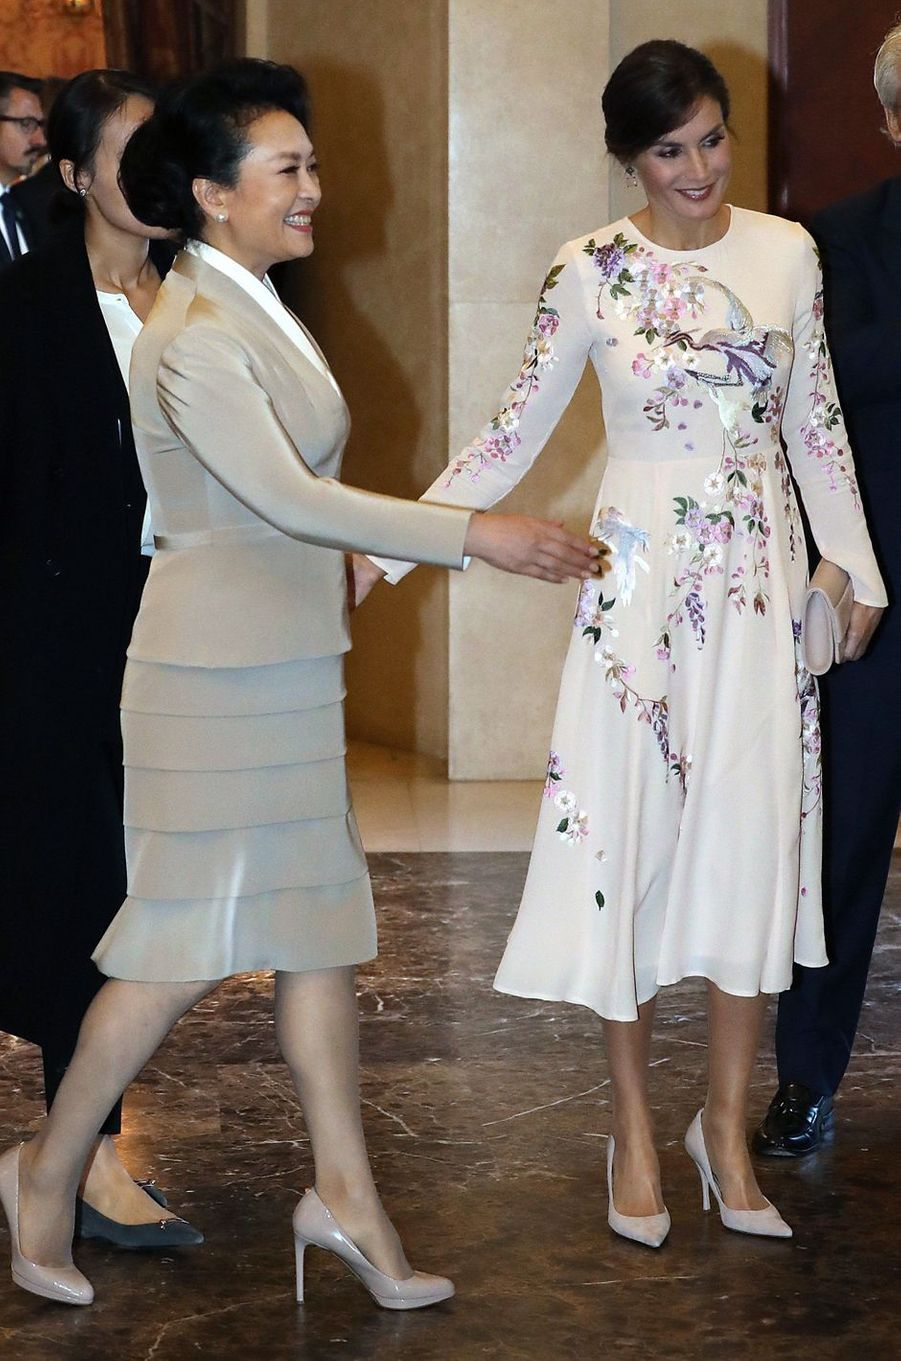 La reine Letizia d'Espagne avec Peng Liyuan à Madrid, le 28 novembre 2018